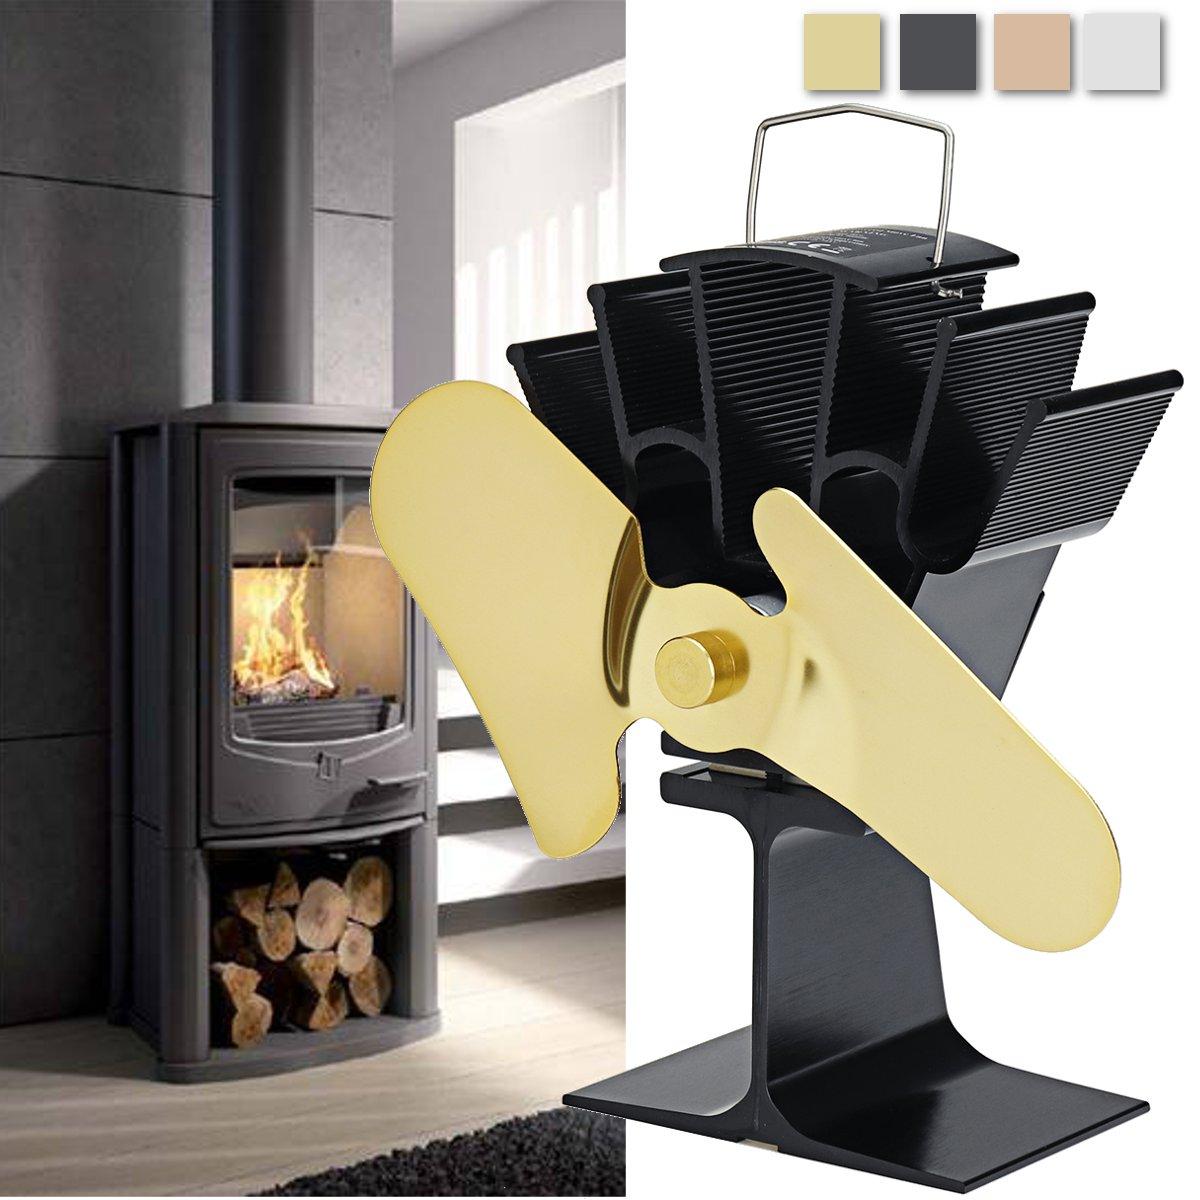 Алюминиевый 2 Лопасти вентилятор для печи, работающий от тепловой энергии деревянный бревно вентилятор для камина горелки тепловой